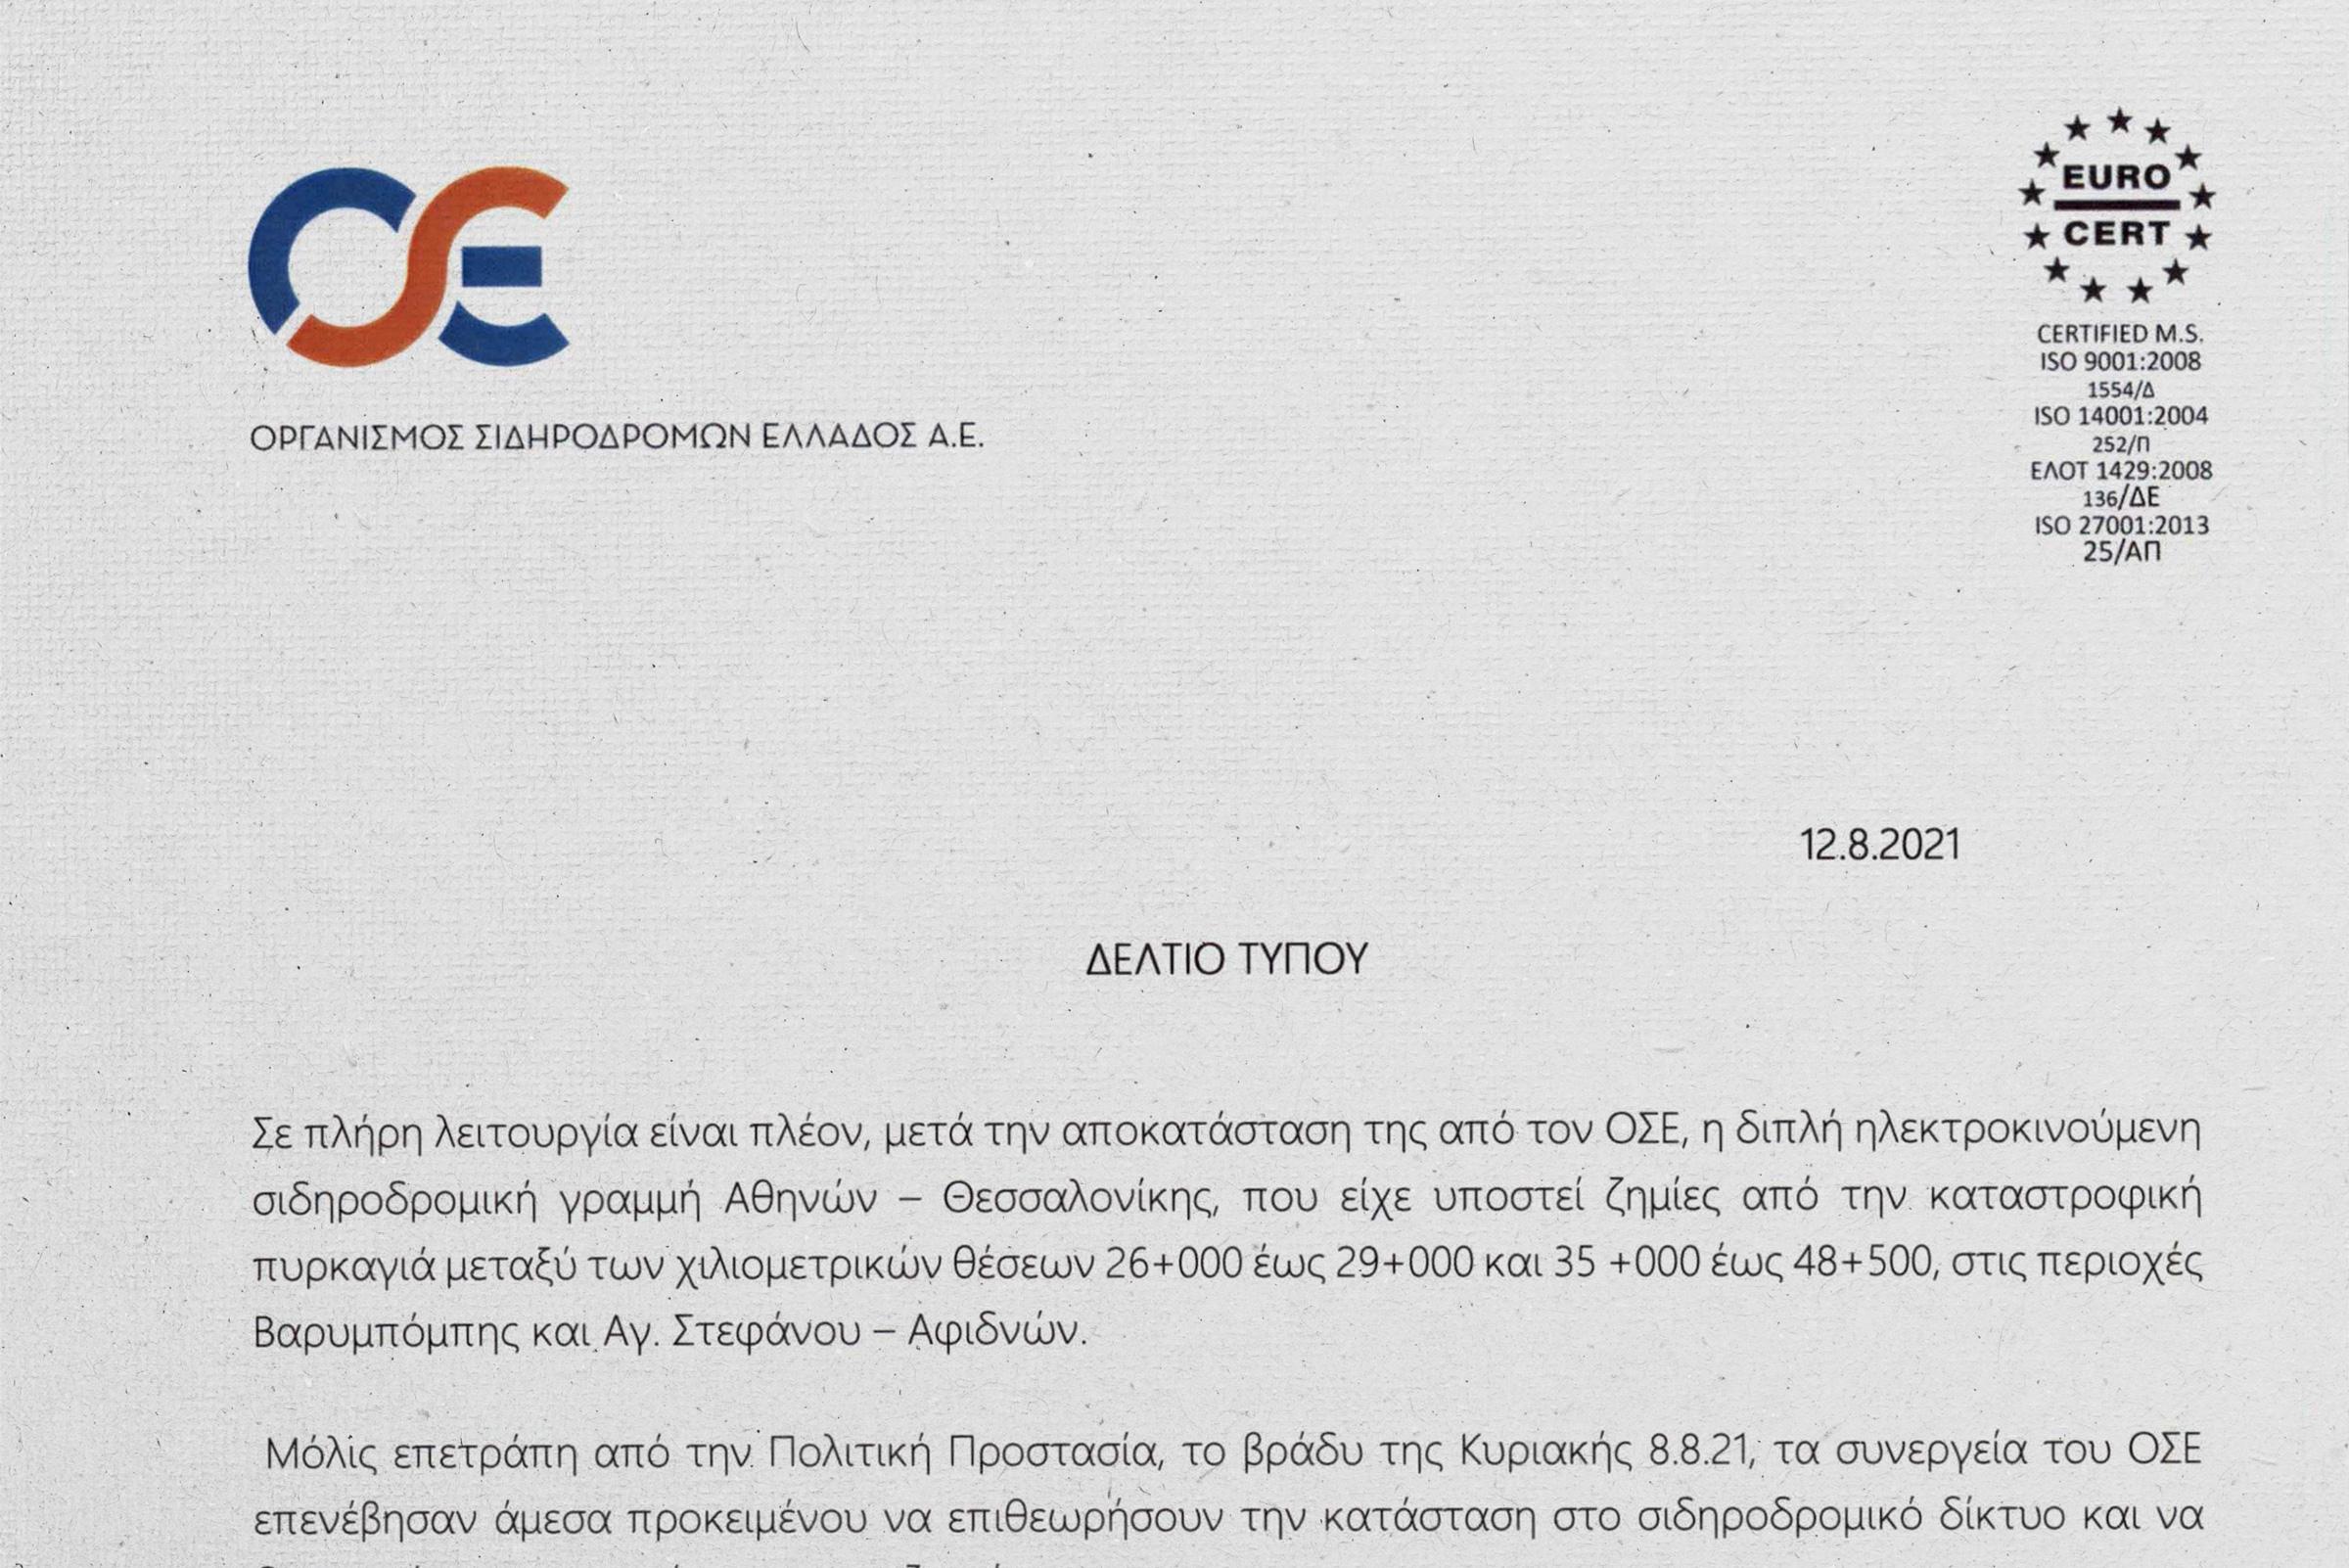 Σε πλήρη λειτουργία είναι πλέον, μετά την αποκατάσταση της από τον ΟΣΕ, η διπλή ηλεκτροκινούμενη σιδηροδρομική γραμμή Αθηνών – Θεσσαλονίκης